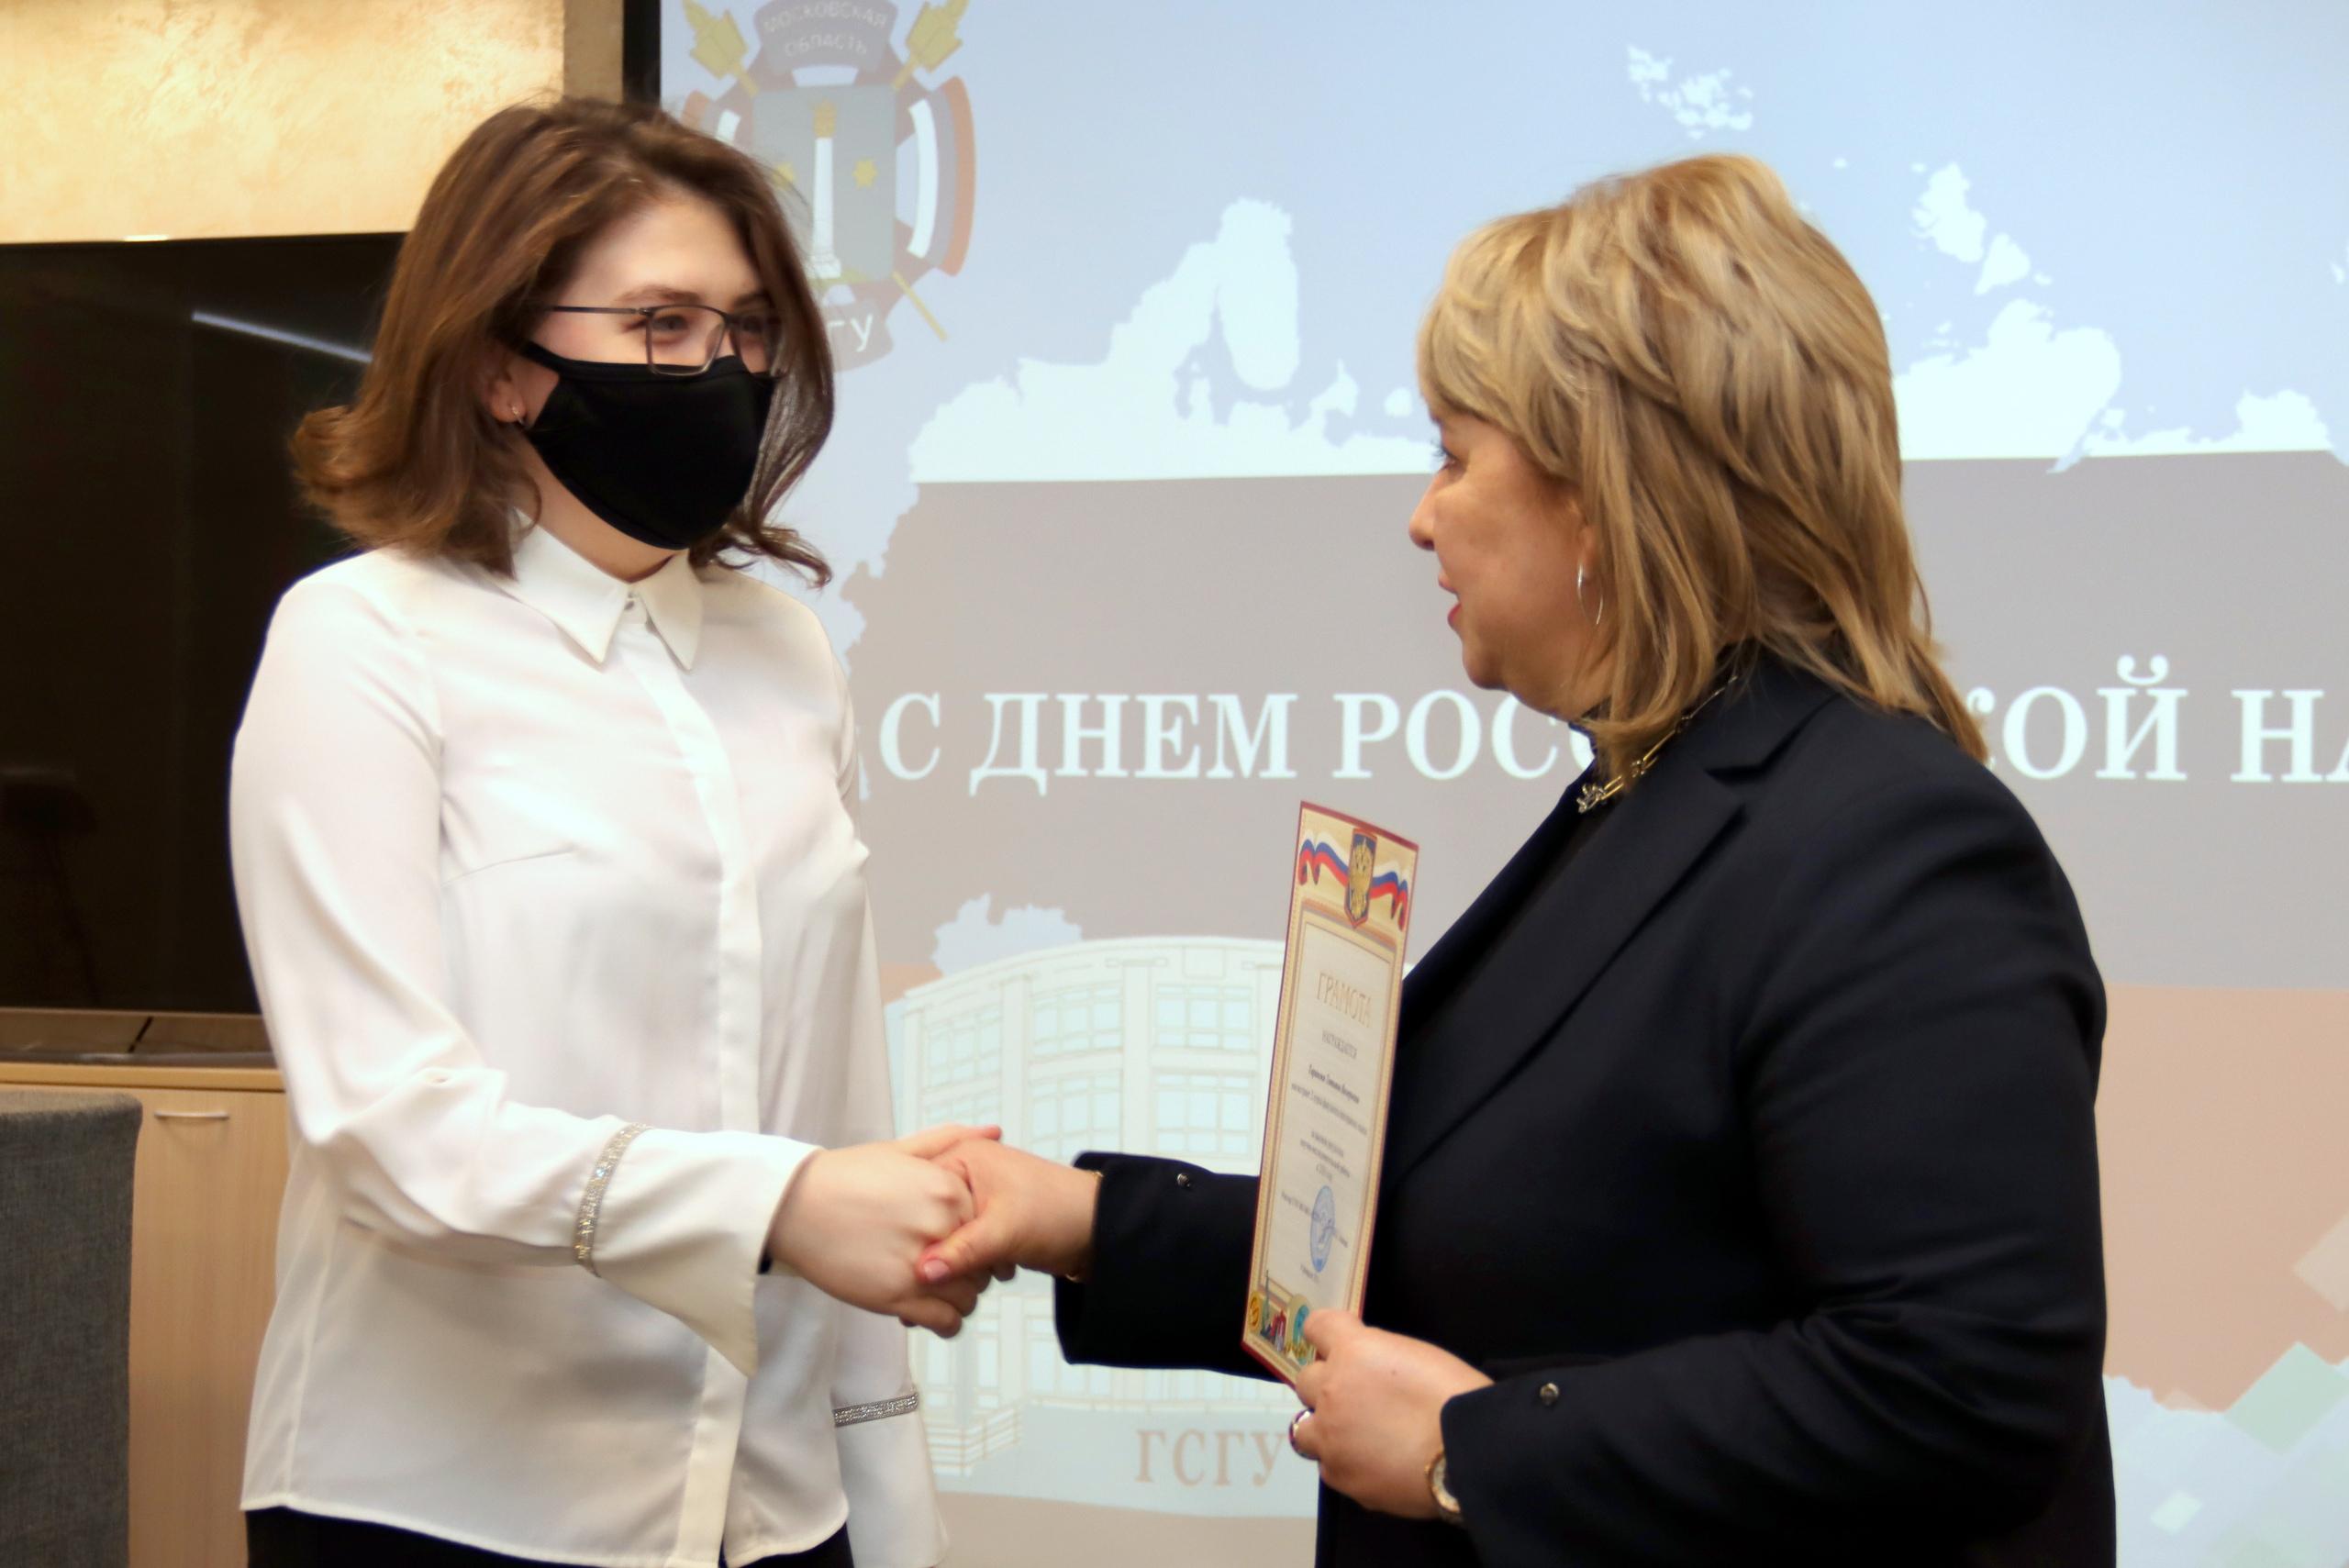 В коломенском вузе отметили День российской науки